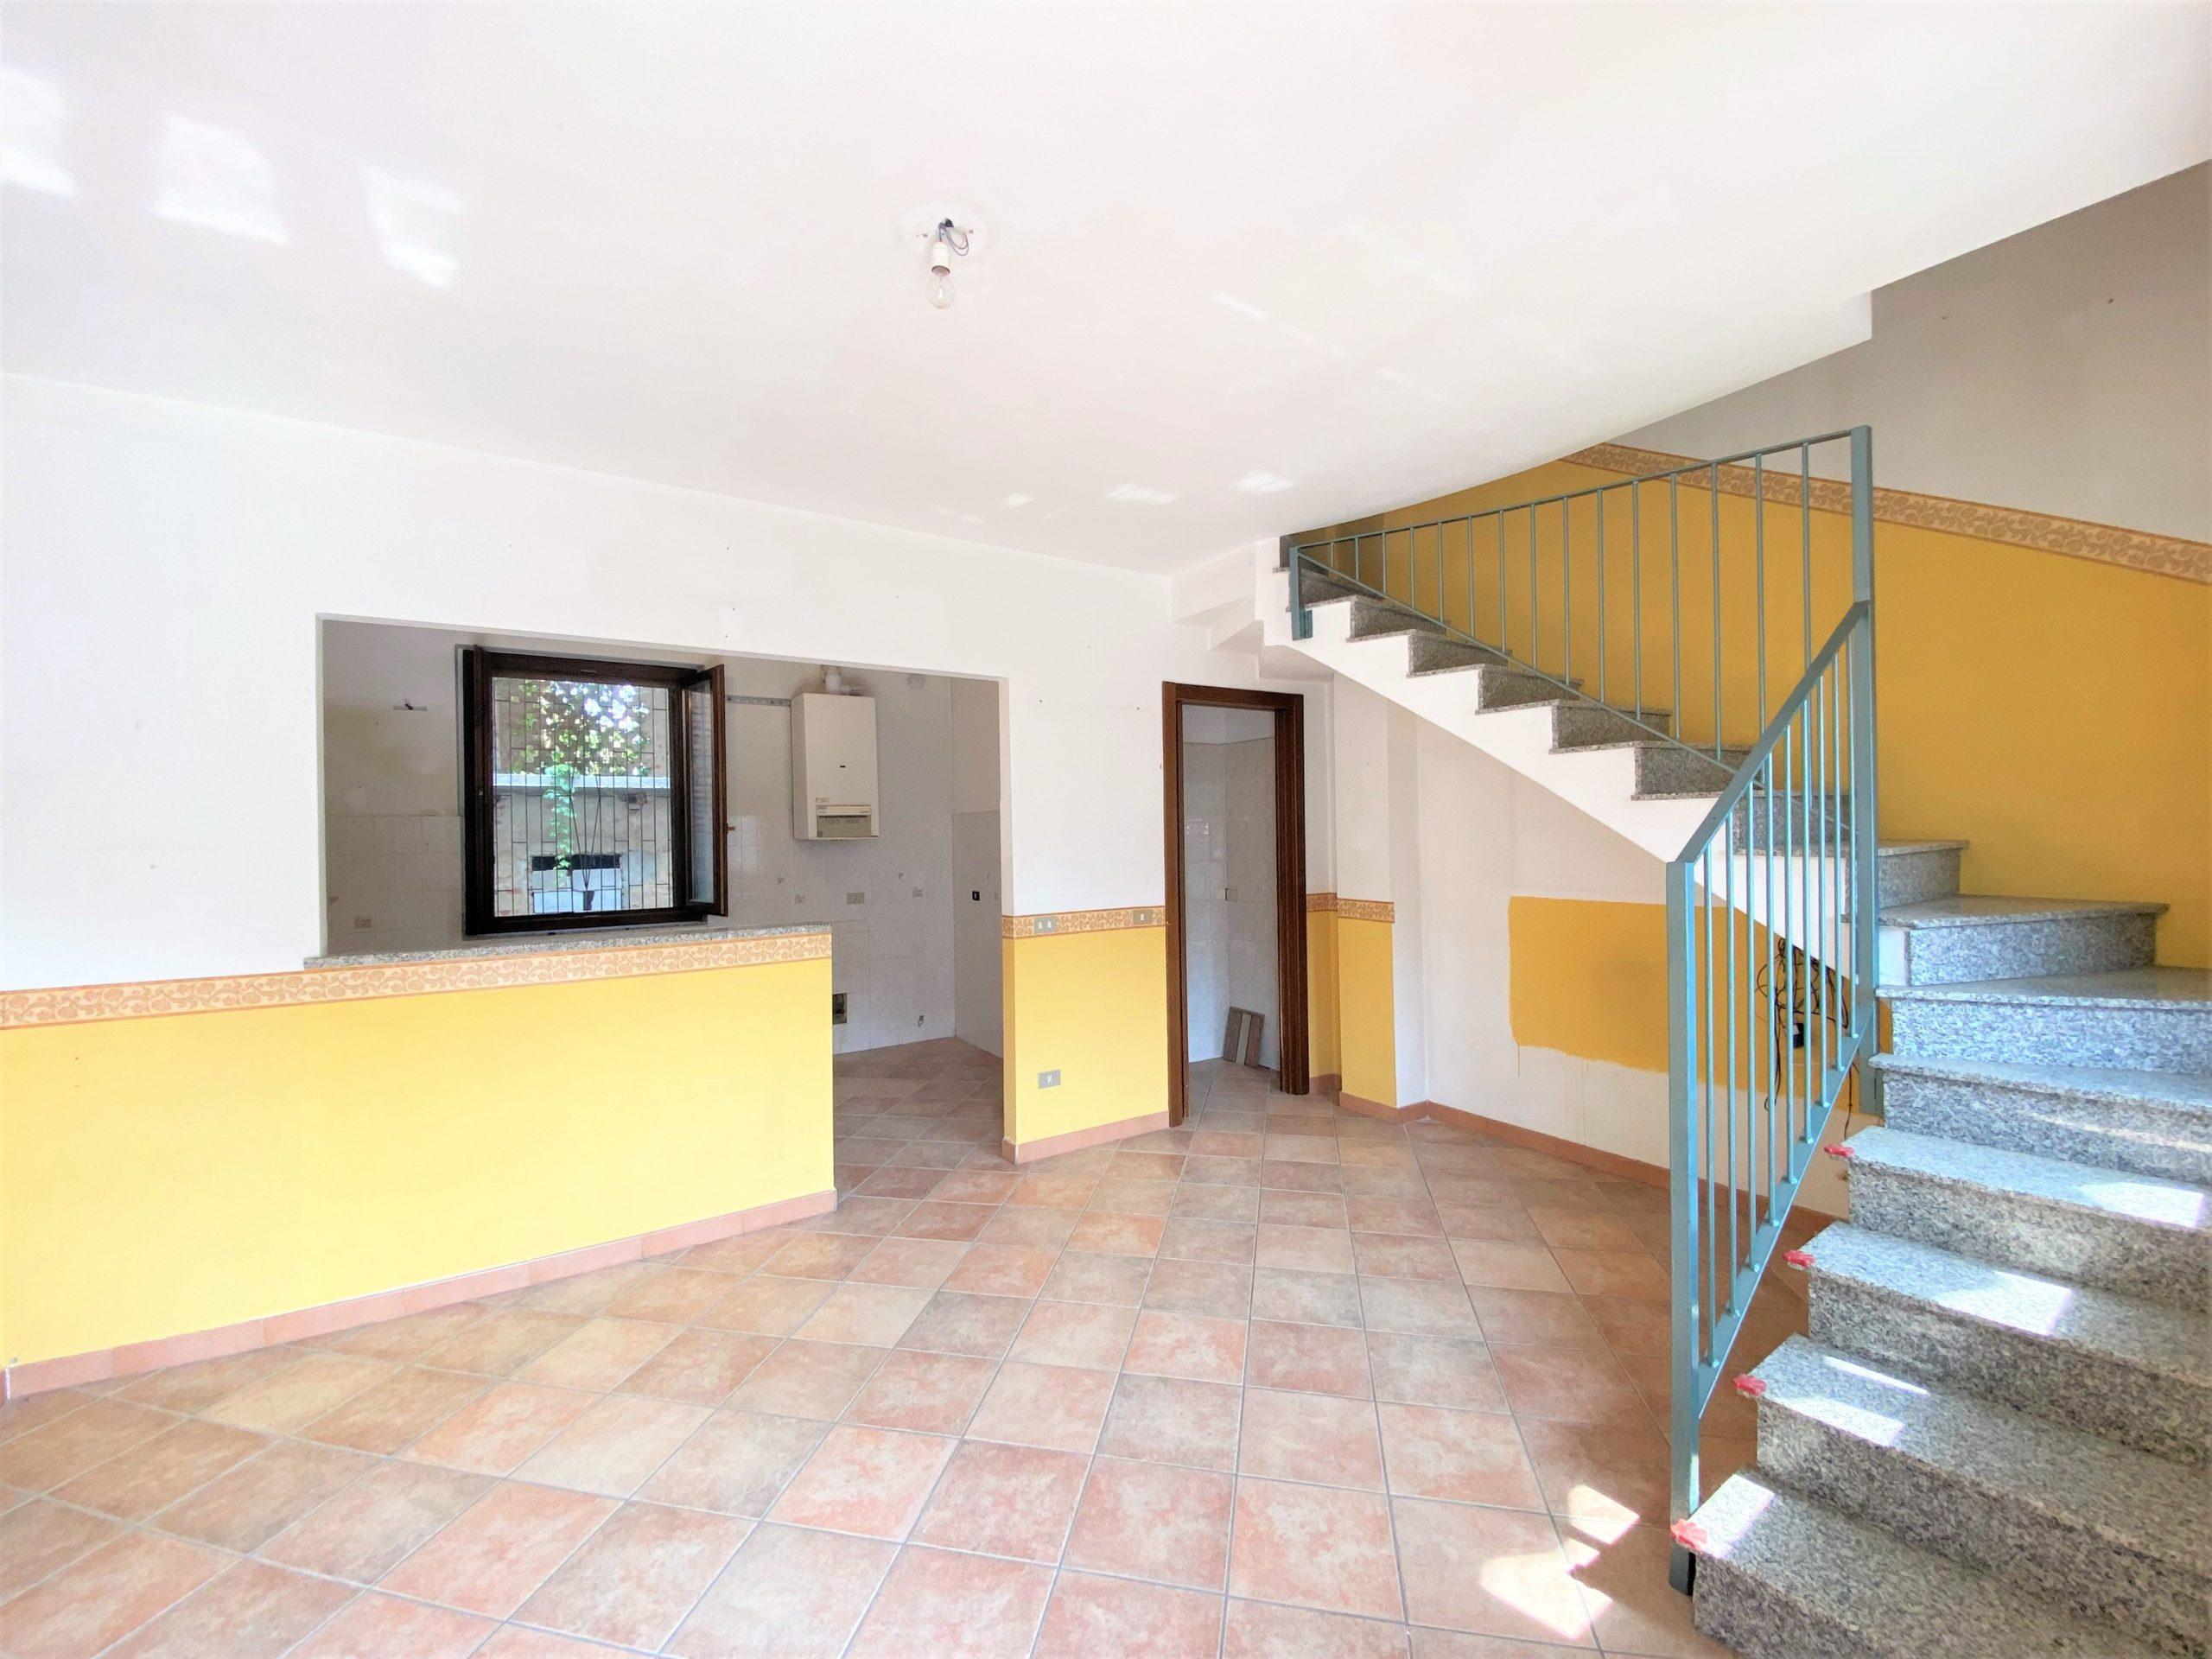 Bubbiano (MI) – Casa semindipendente con giardino